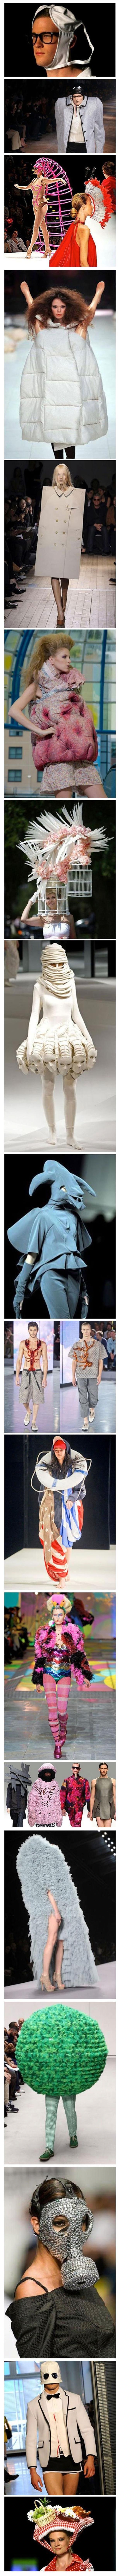 Sommige modellen trekken voor geld werkelijk alles aan.....